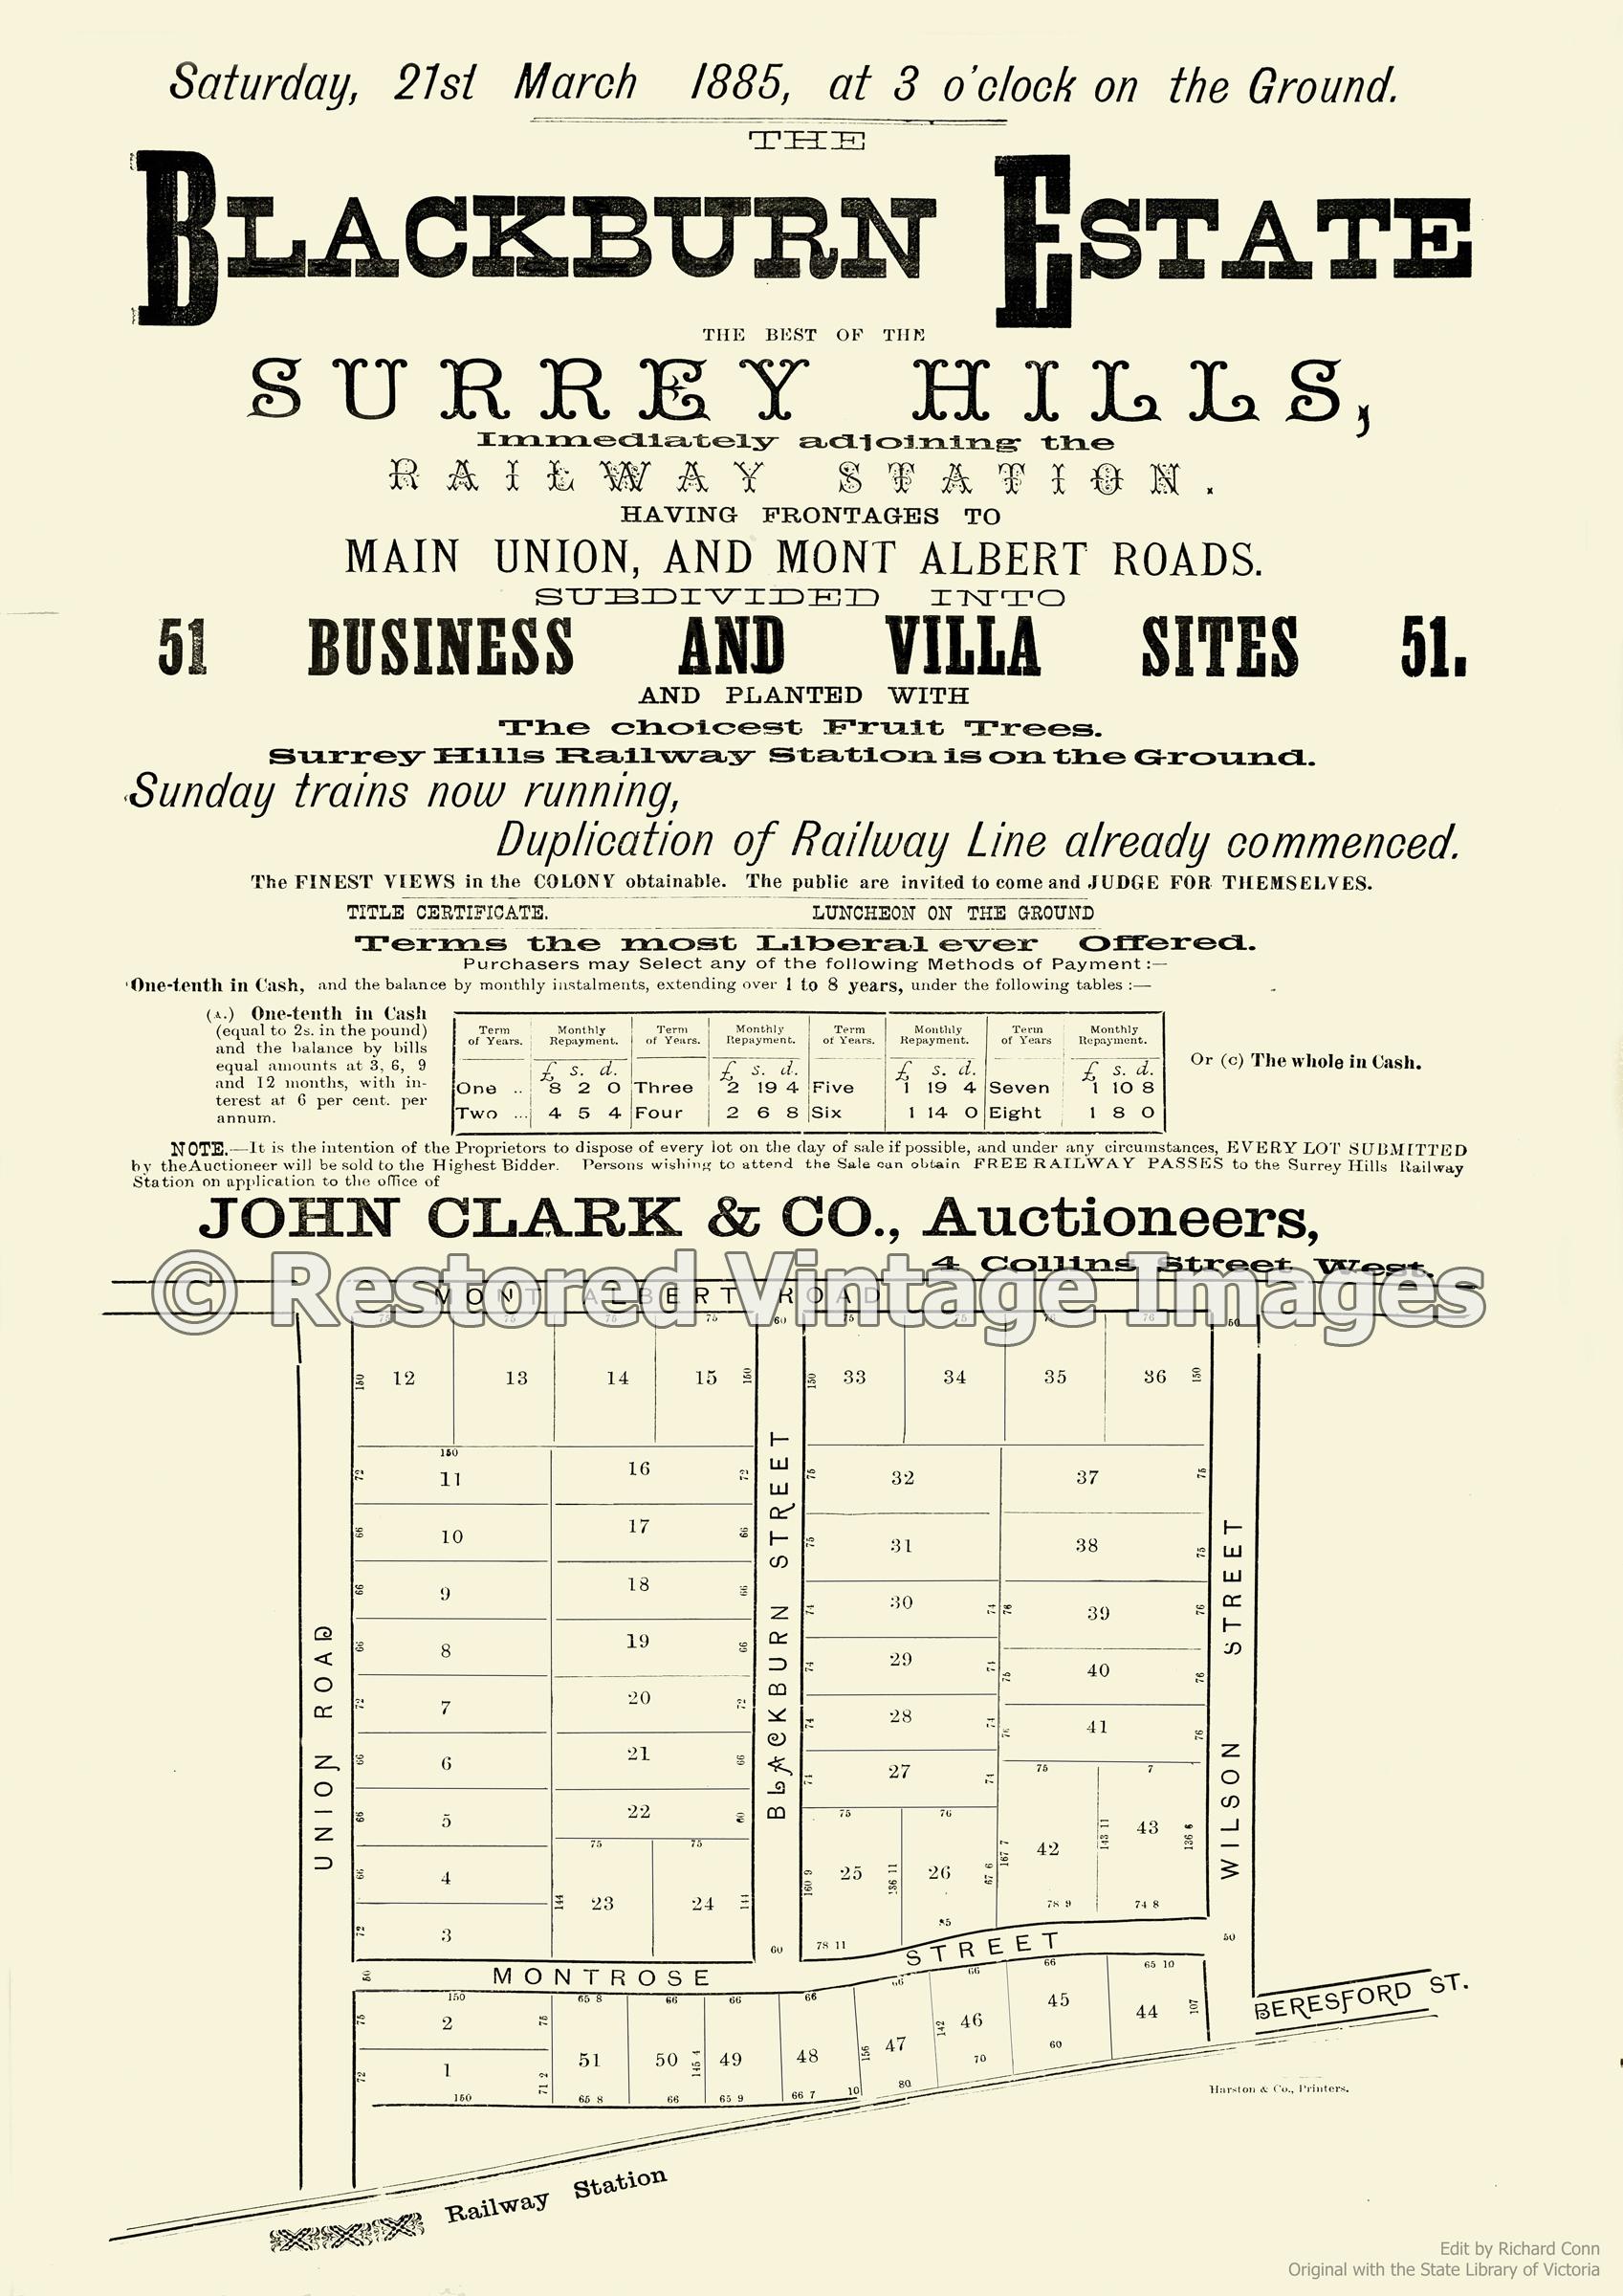 Blackburn Estate 1885 – Surrey Hills